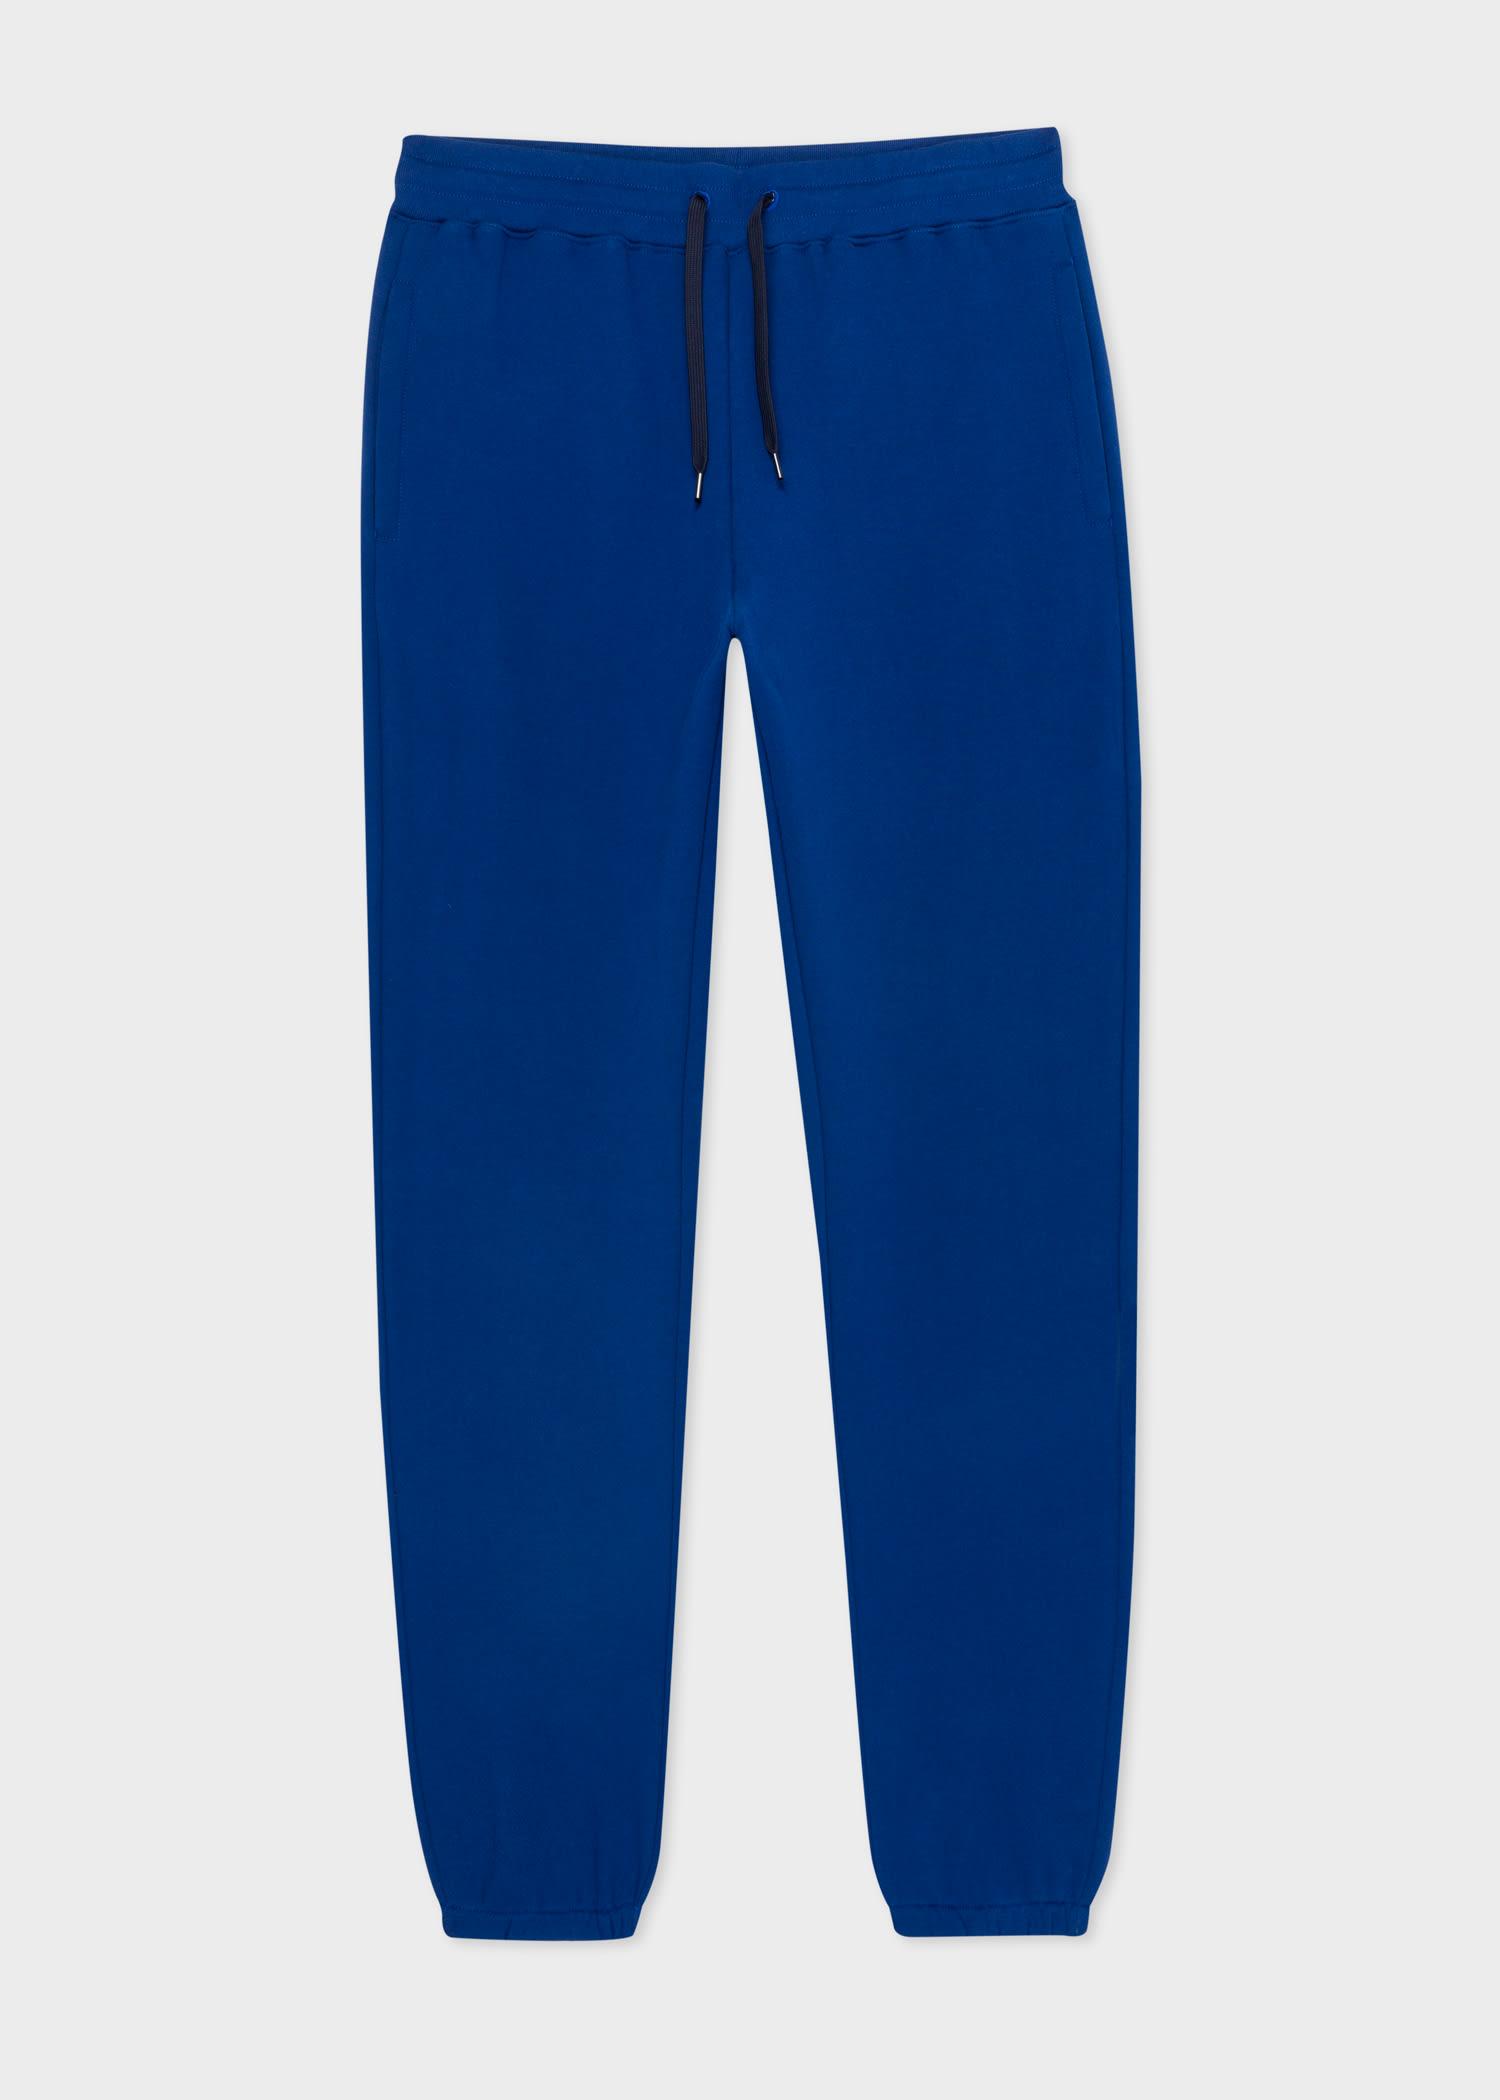 폴 스미스 스웻팬츠 Paul Smith Mens Cobalt Blue Happy Sweatpants